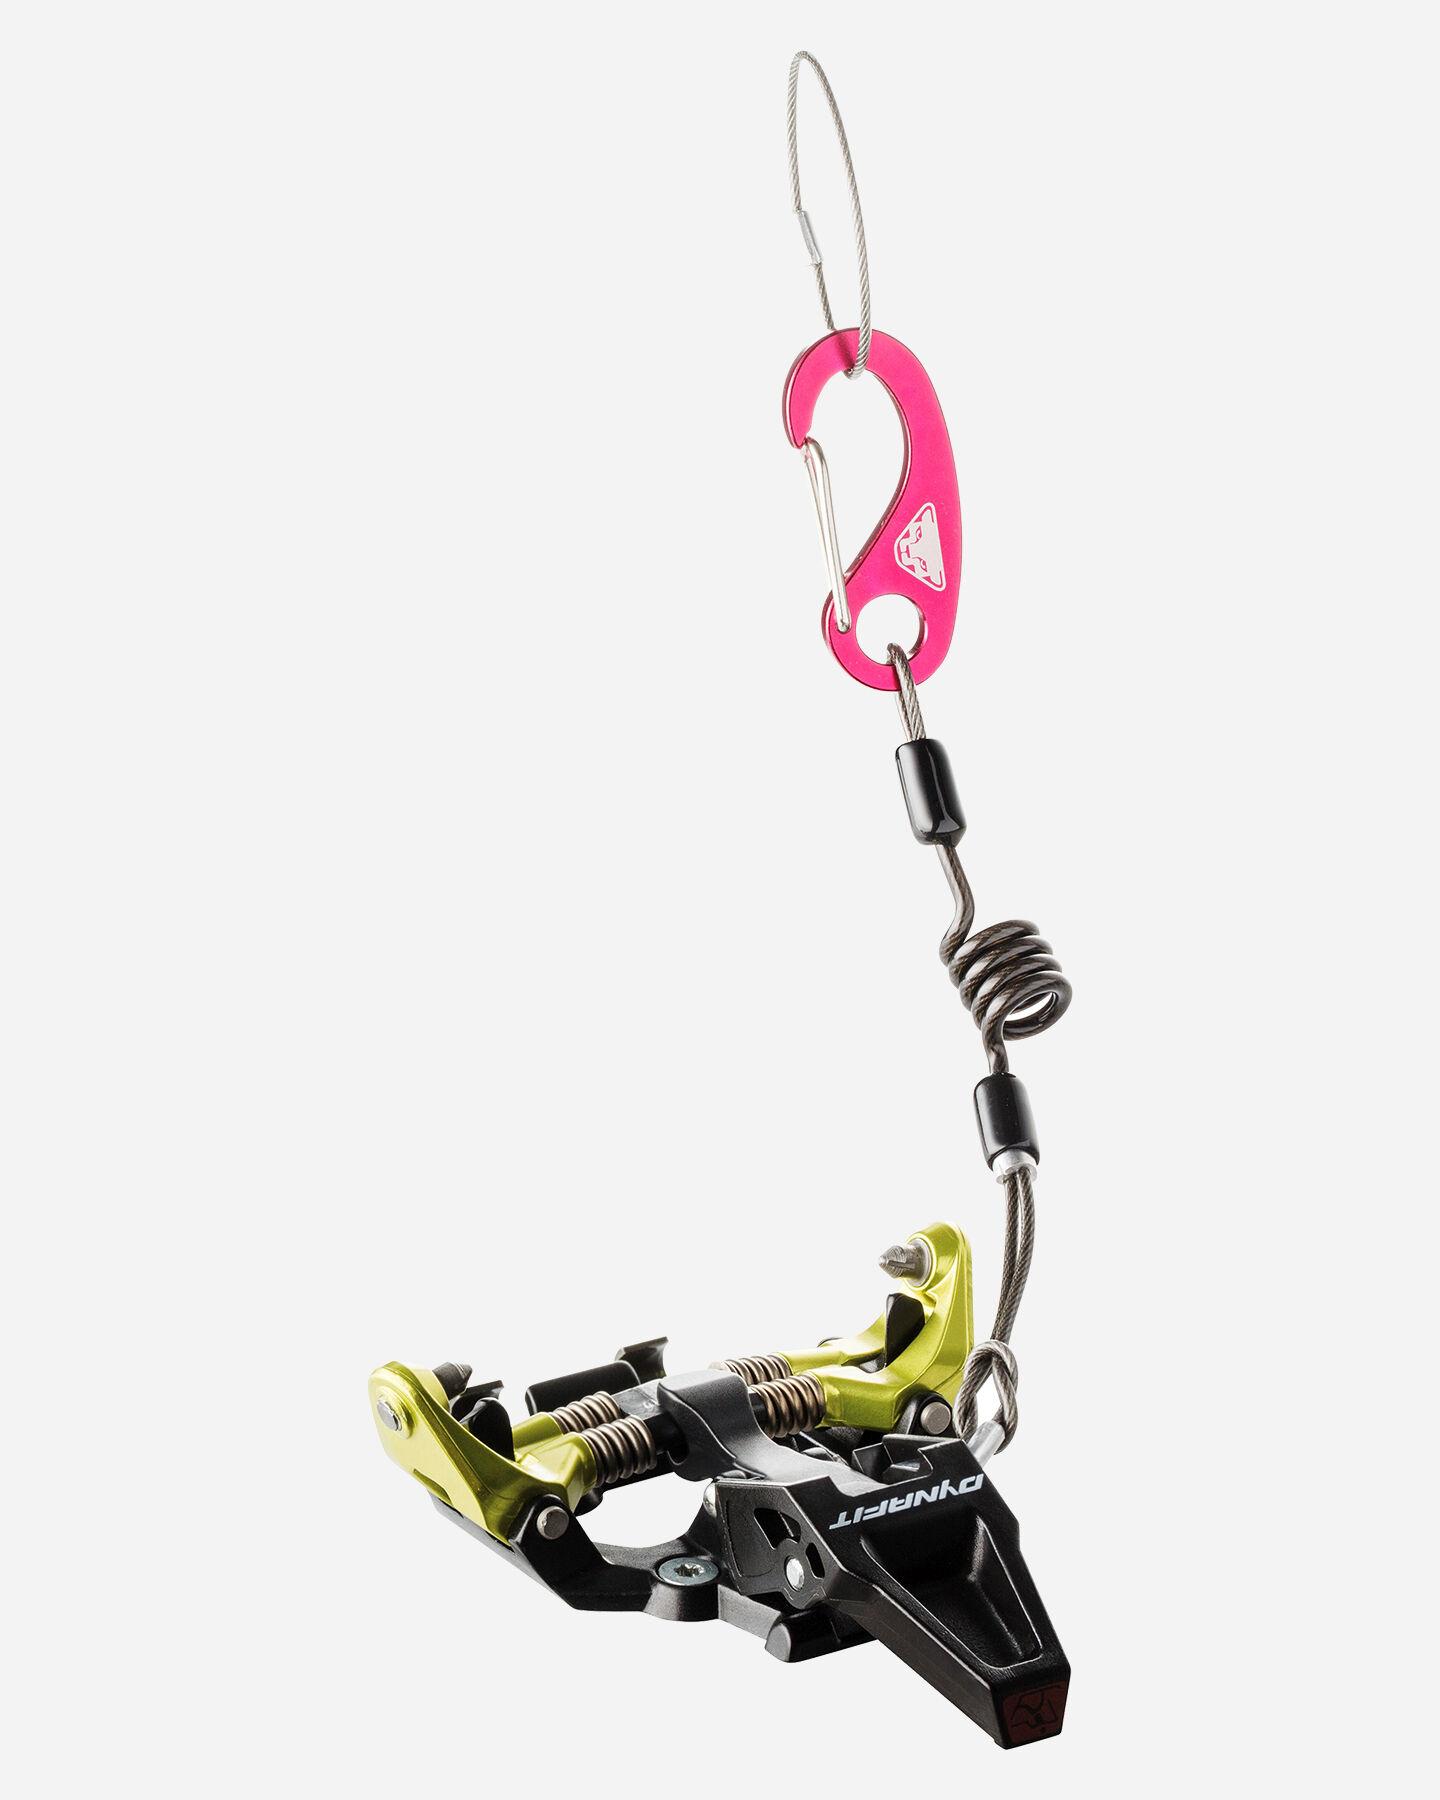 Attacchi sci alpinismo DYNAFIT SPEED RADICAL S4055086|9269|UNI scatto 1